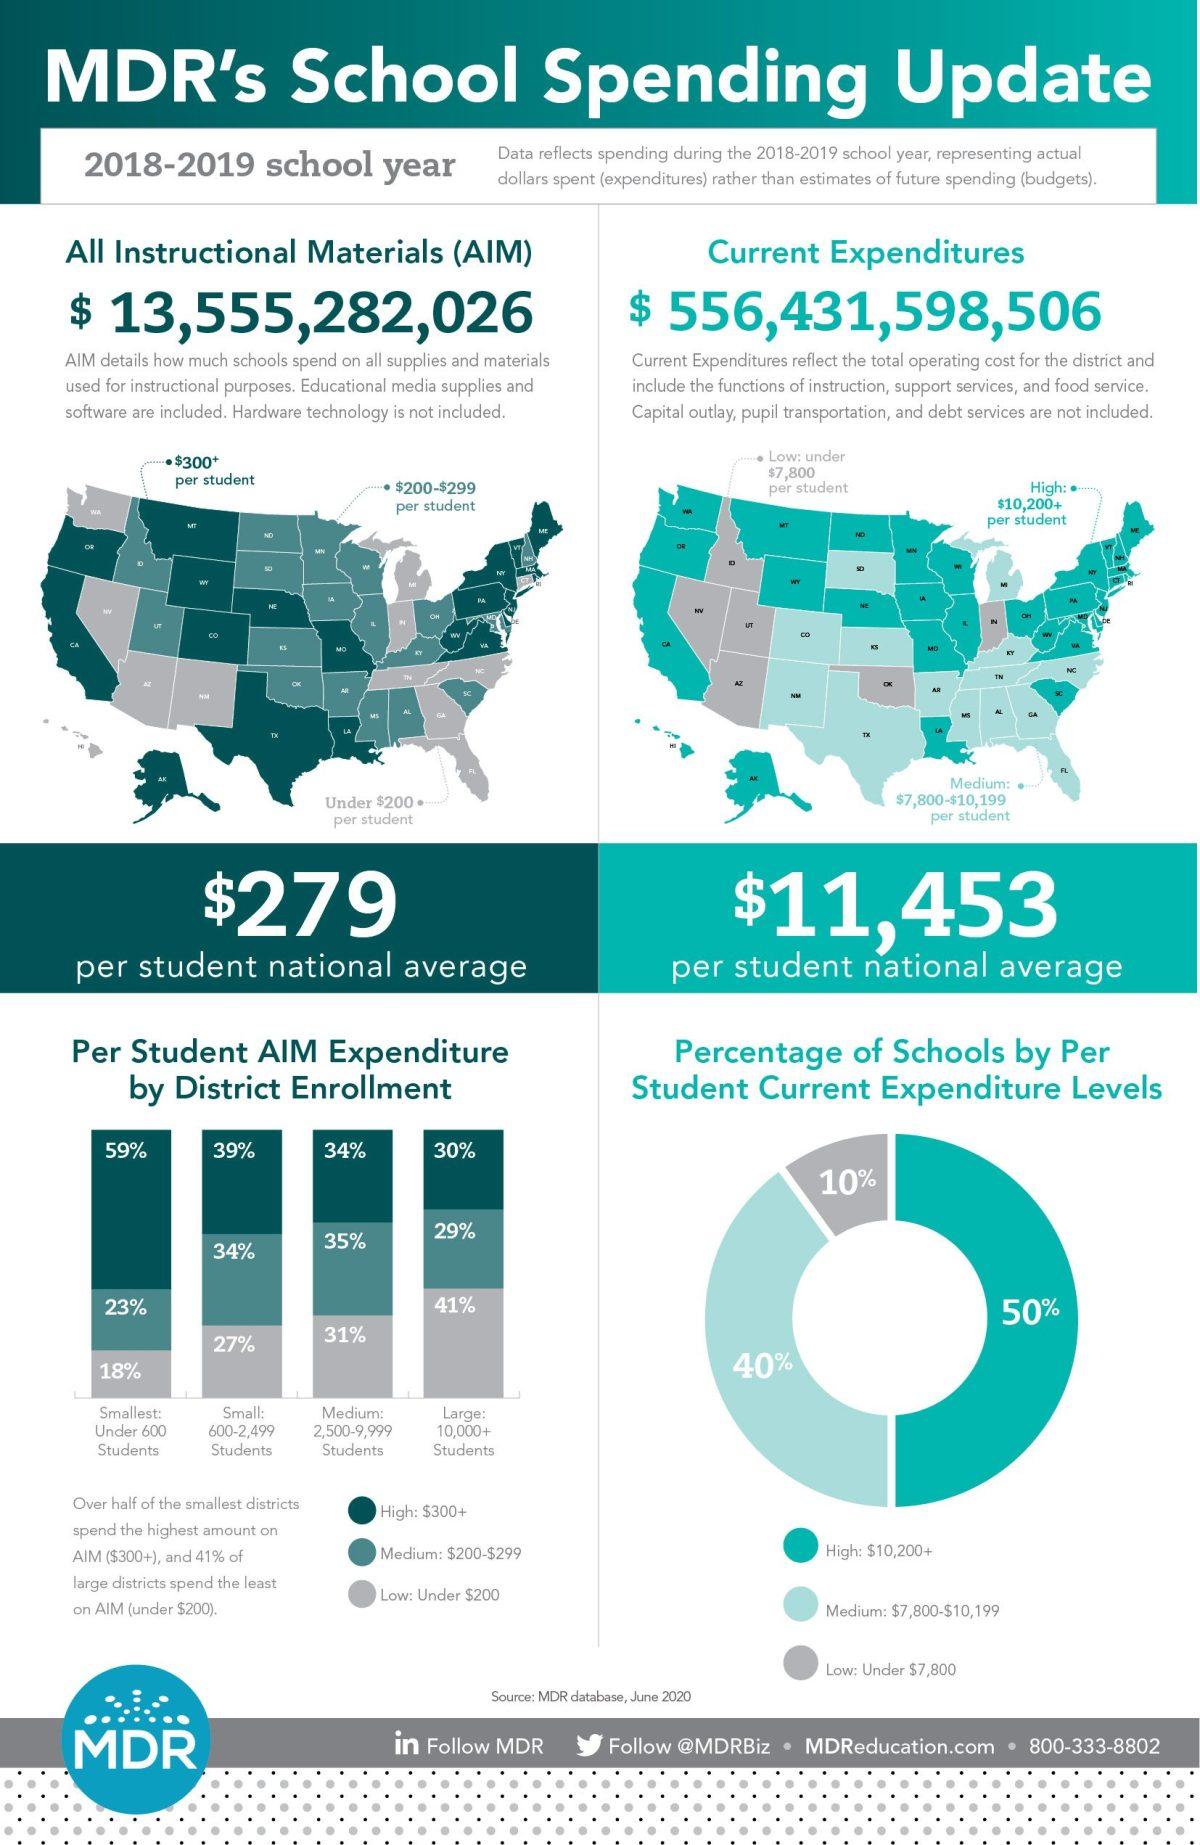 MDR's School Spending Update